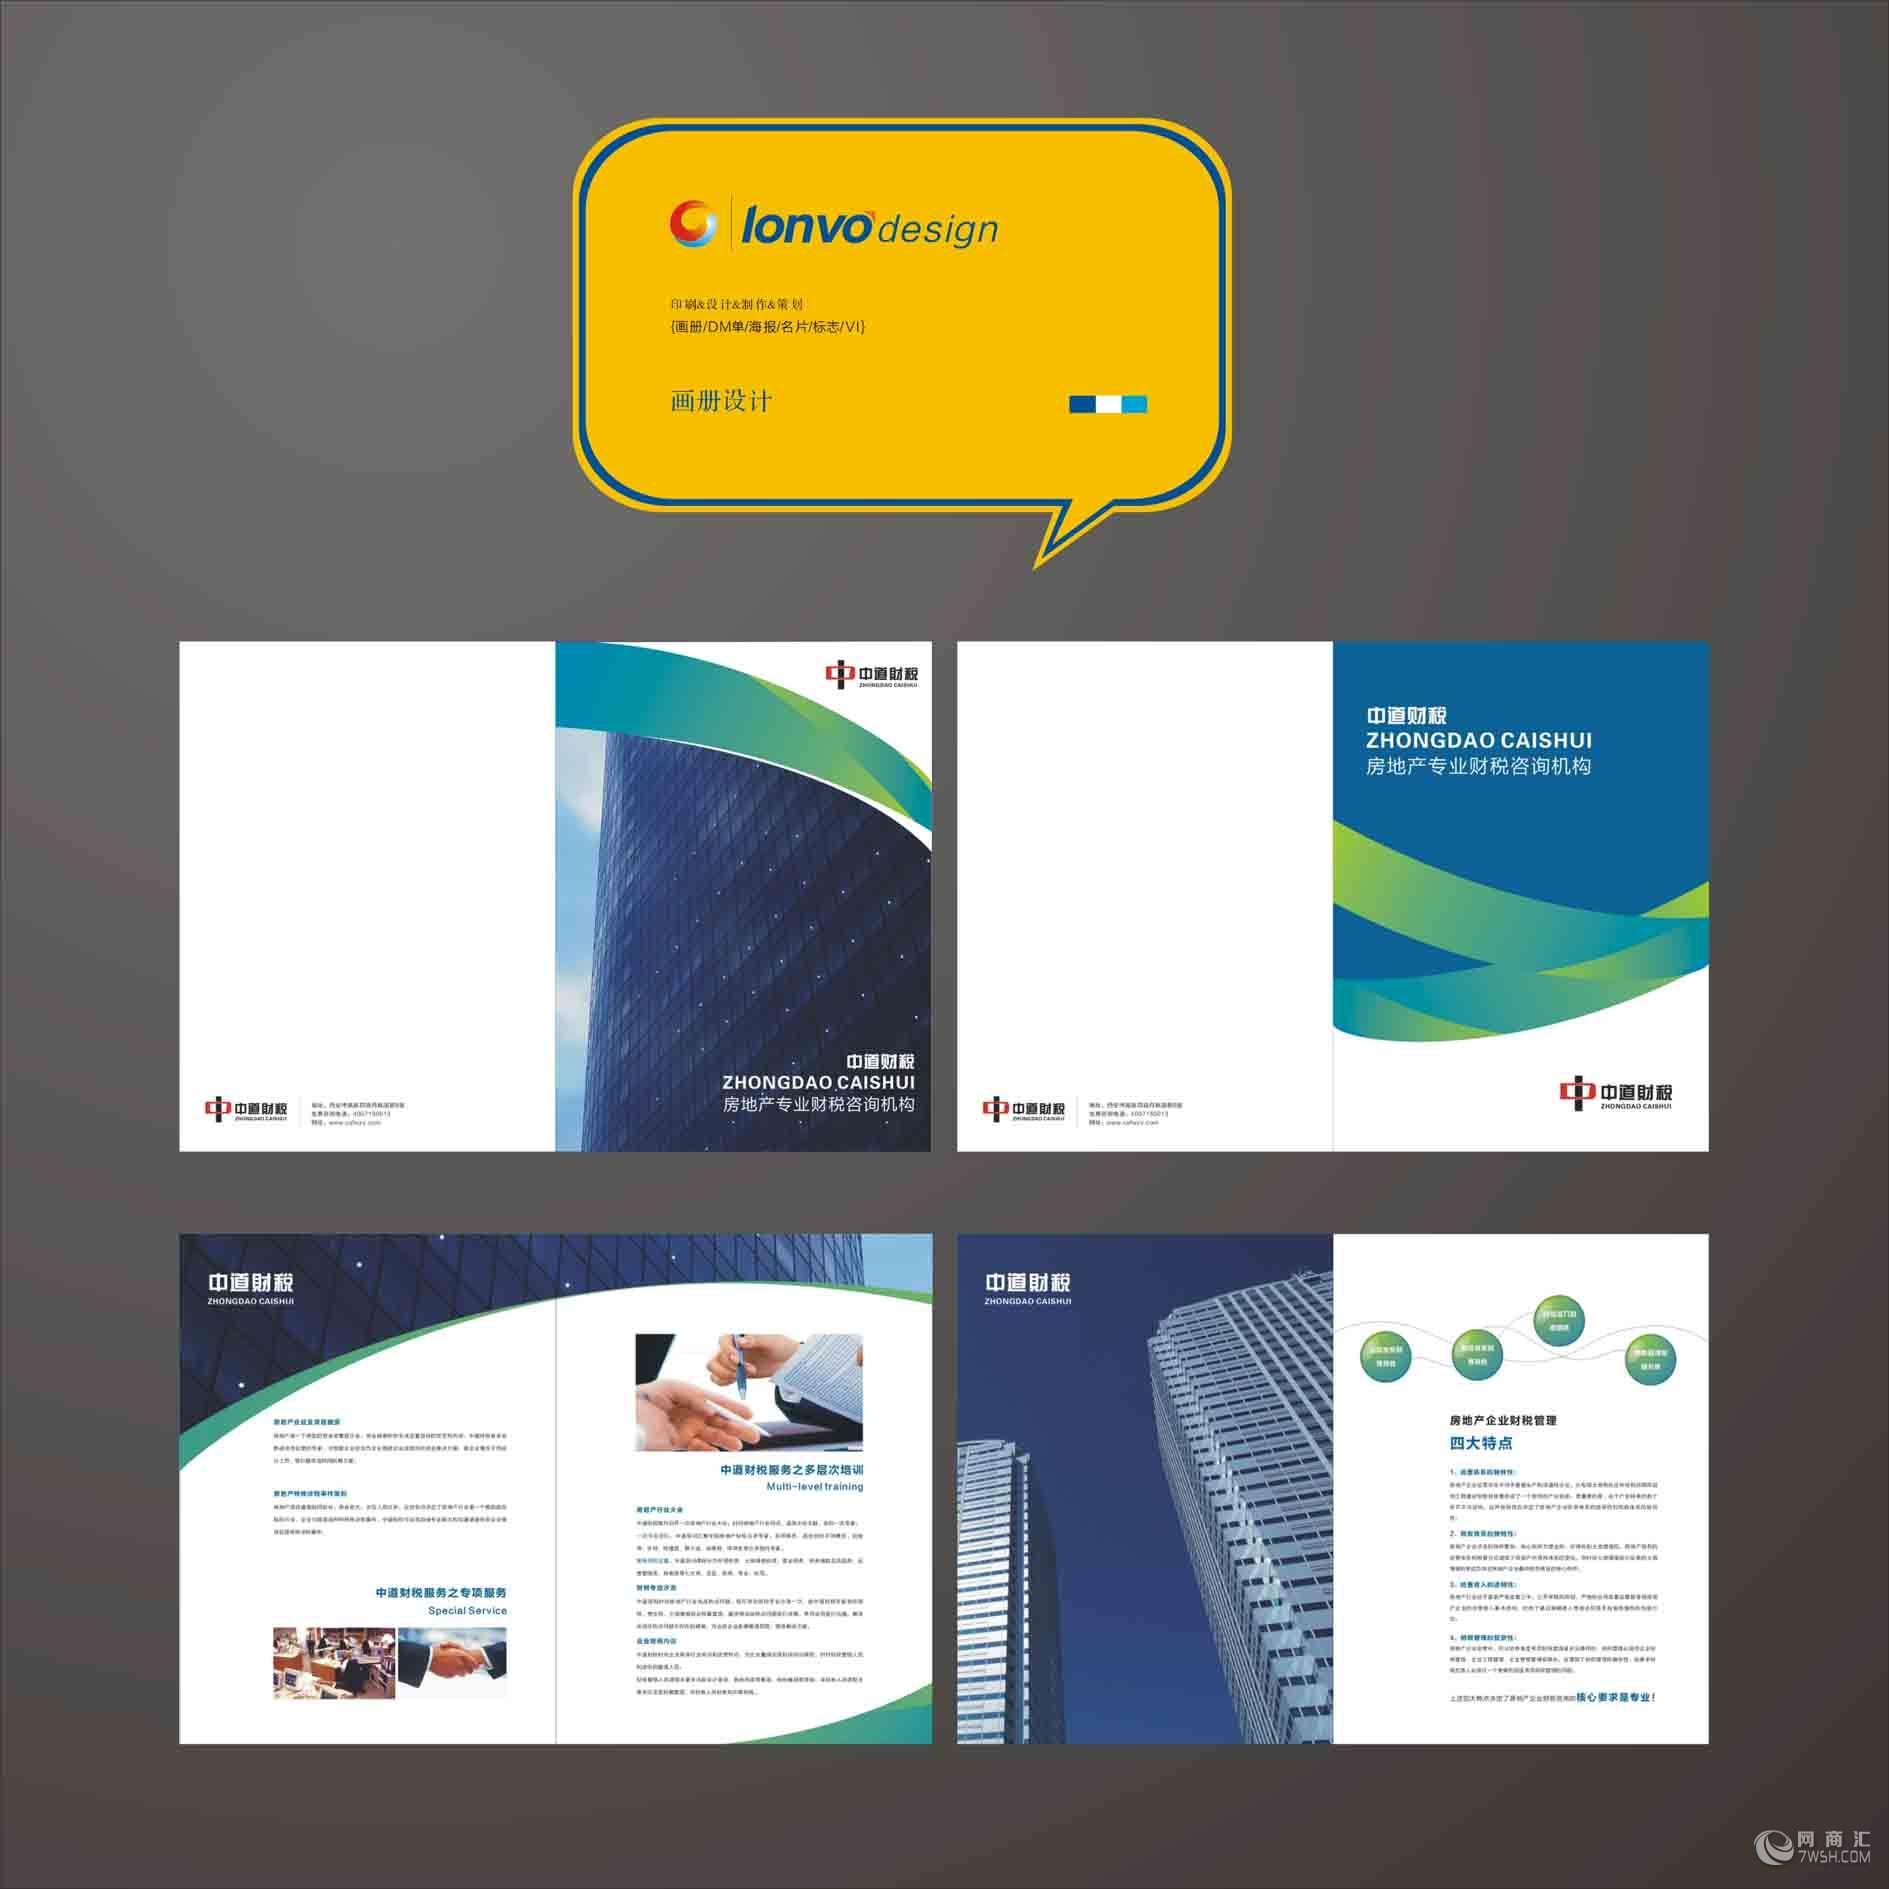 【乌鲁木齐企业宣传dm单设计:优质的产品